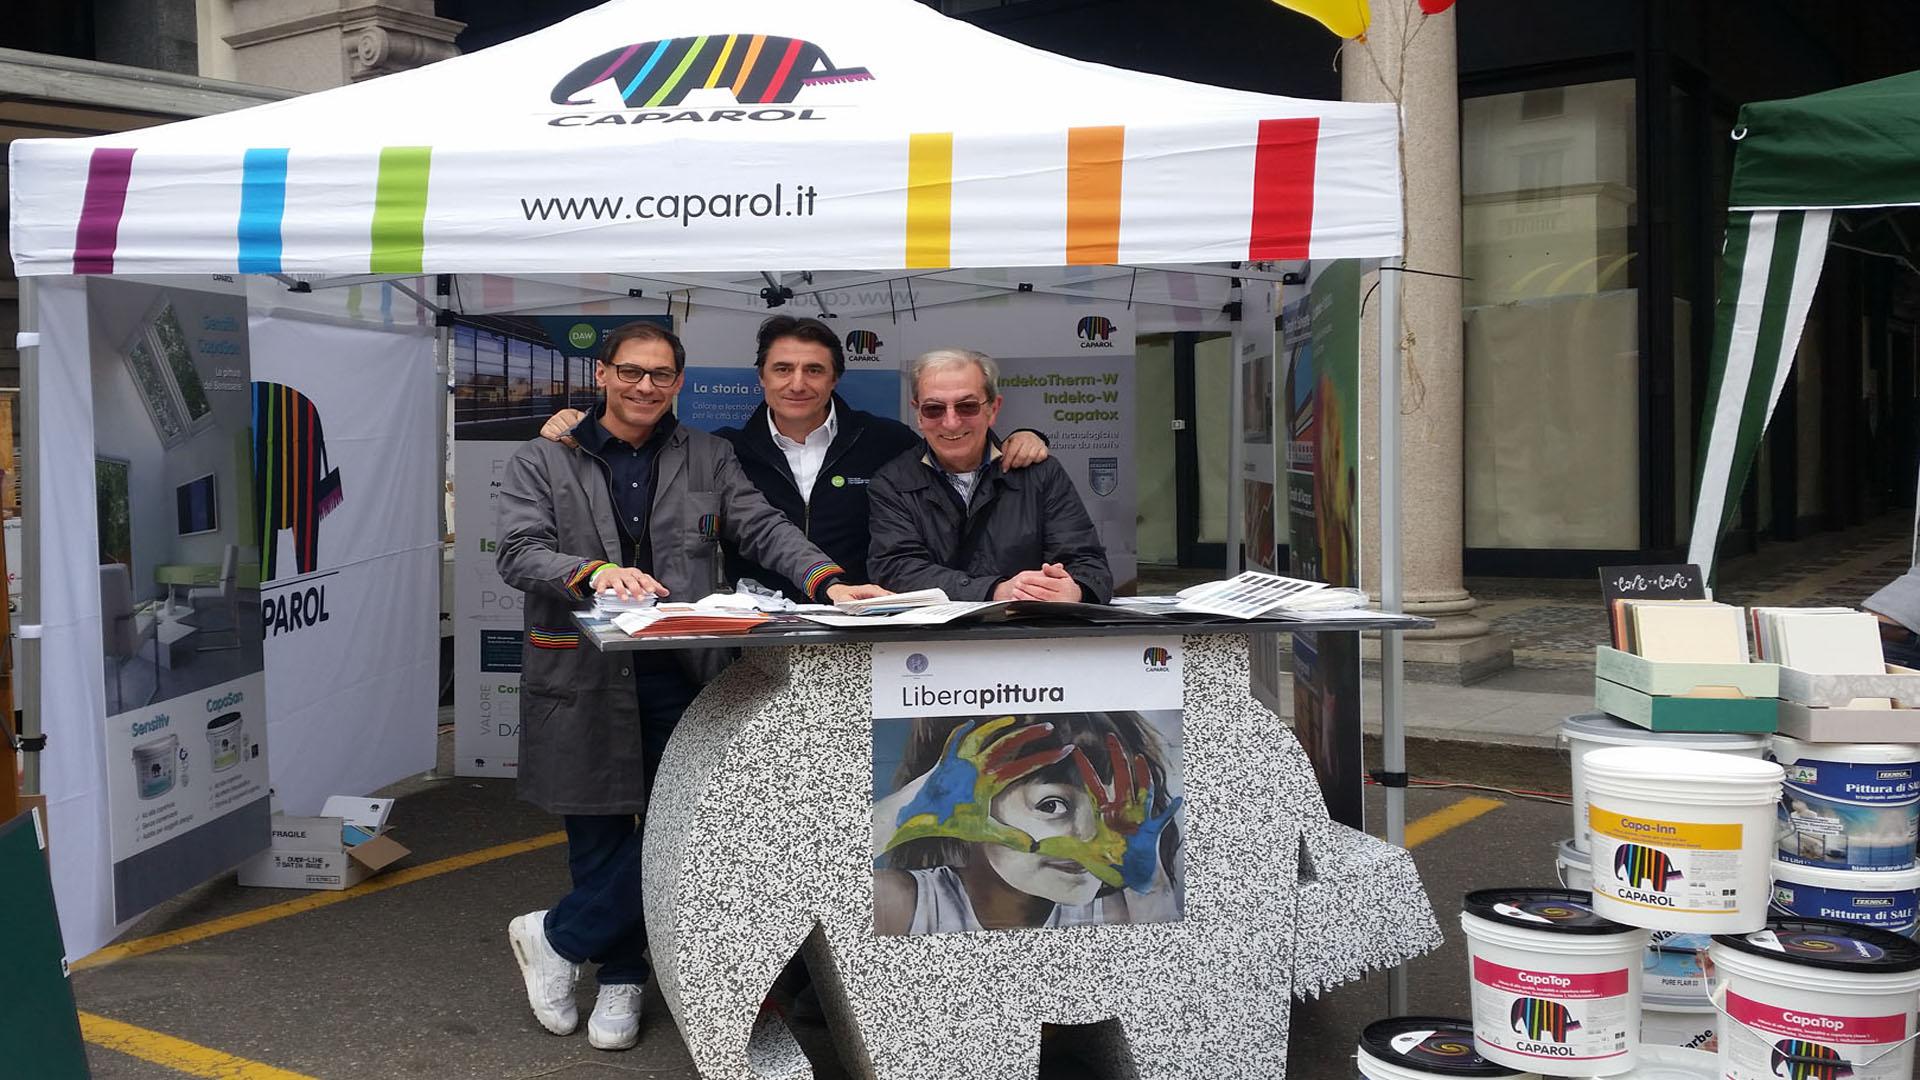 L'elefante a colori in piazza: Caparol ad Agrivarese